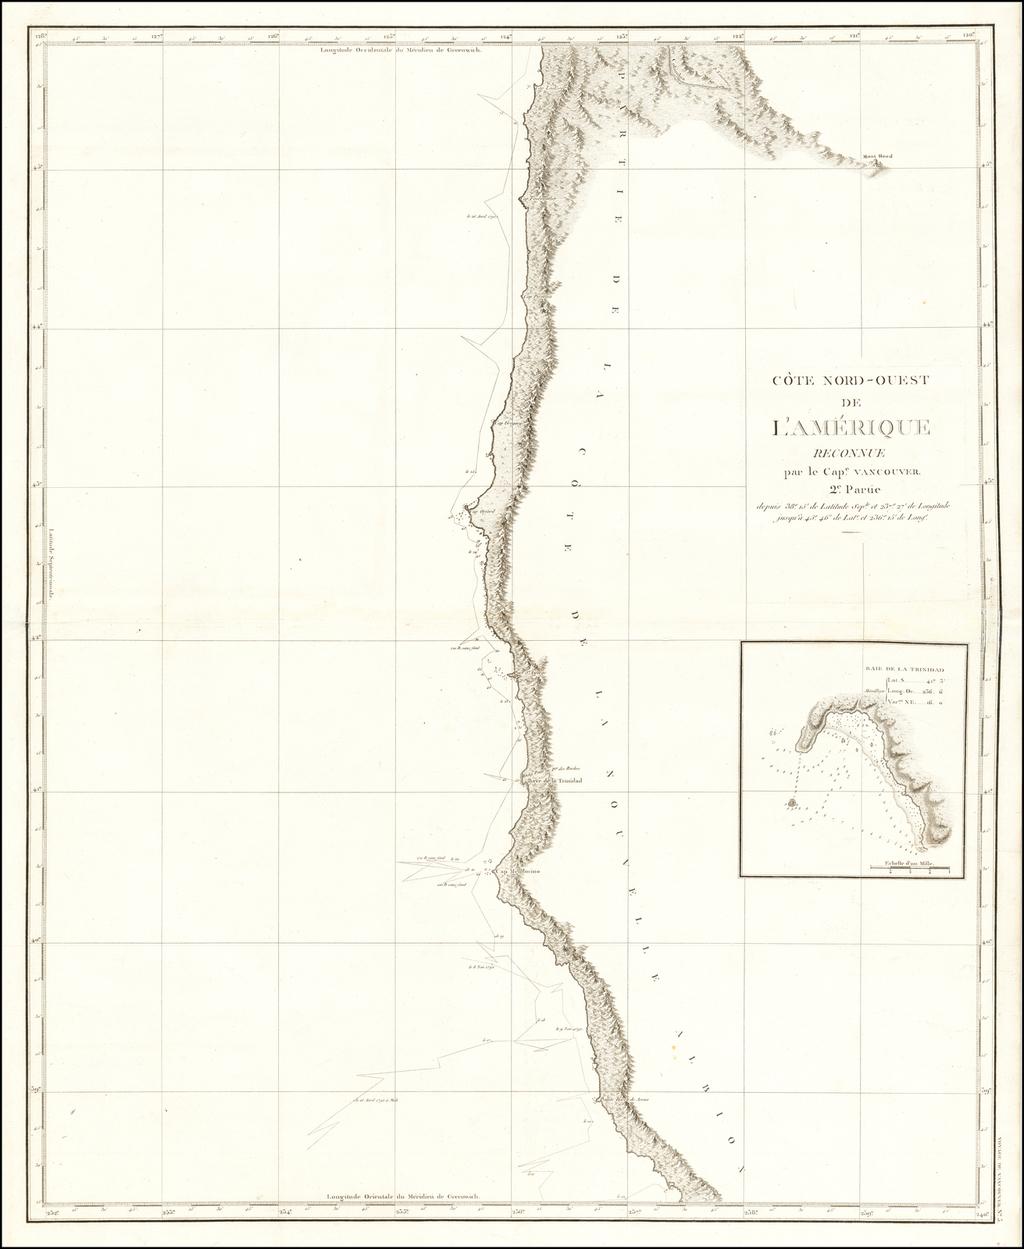 [Oregon to Bodega Bay]  Cote Nord-Ouest De L'Amerique Reconnue par Cape. Vancouver 2e. Partie . . .  By Capt. George Vancouver